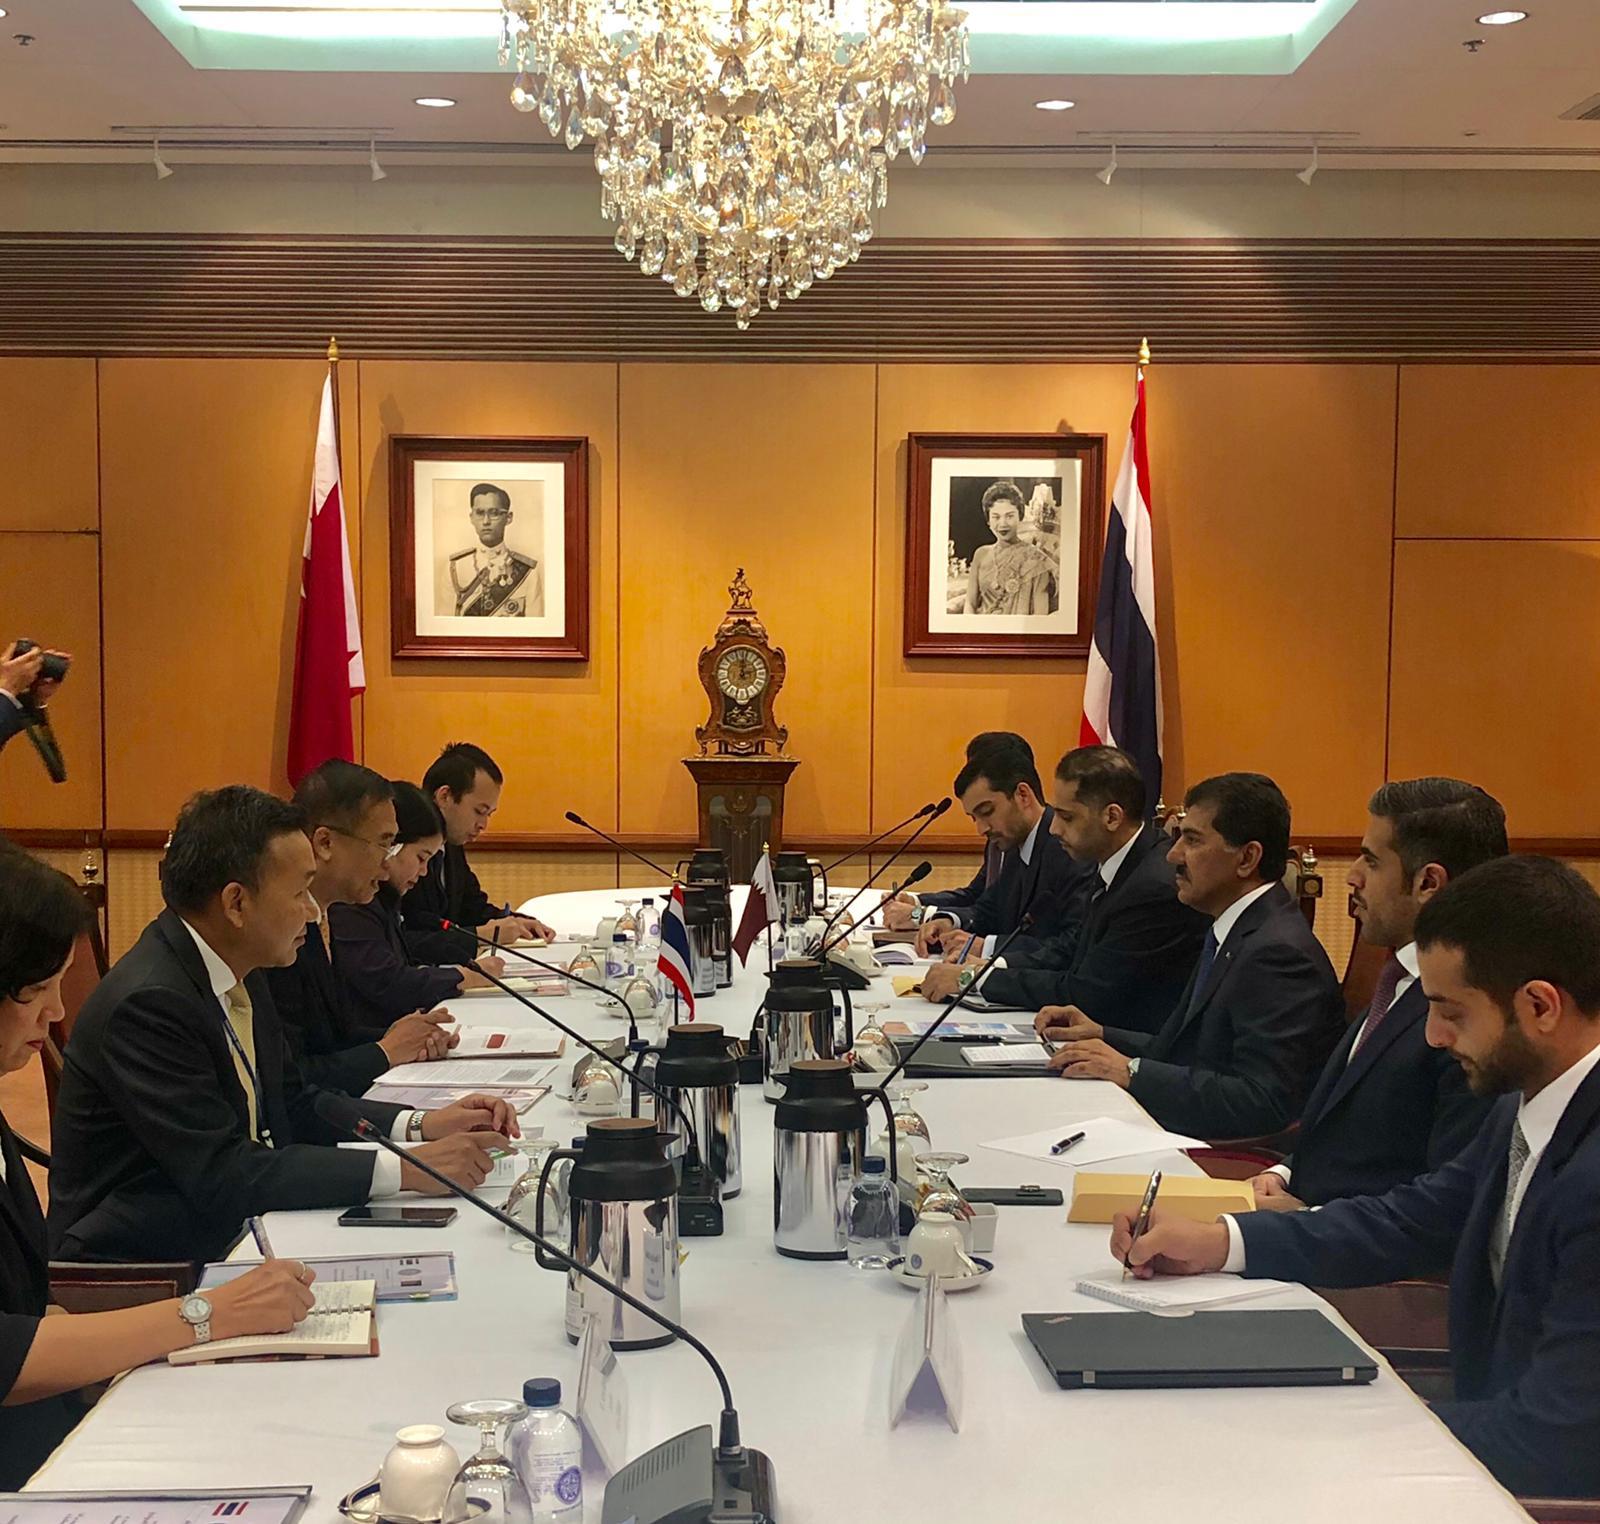 جولة مشاورات سياسية بين دولة قطر ومملكة تايلاند